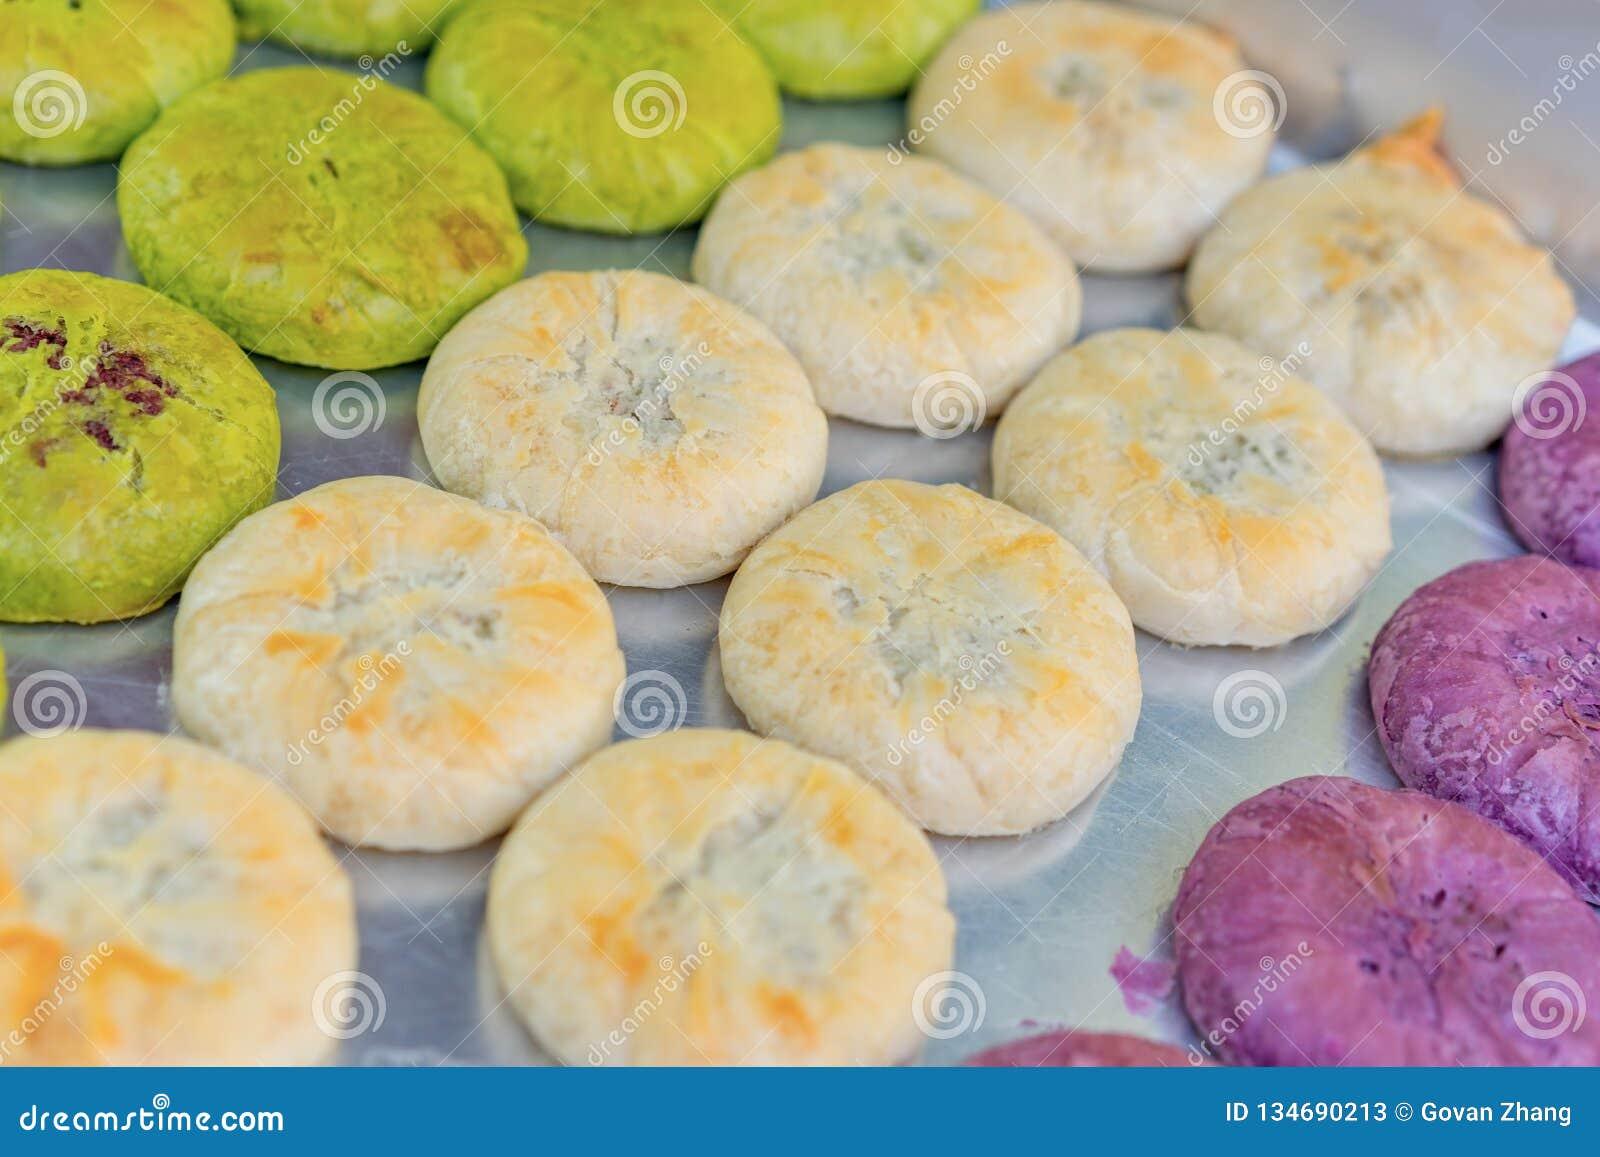 Εύγευστο κέικ λουλουδιών, ένα ειδικό προϊόν της επαρχίας Yunnan, Κίνα